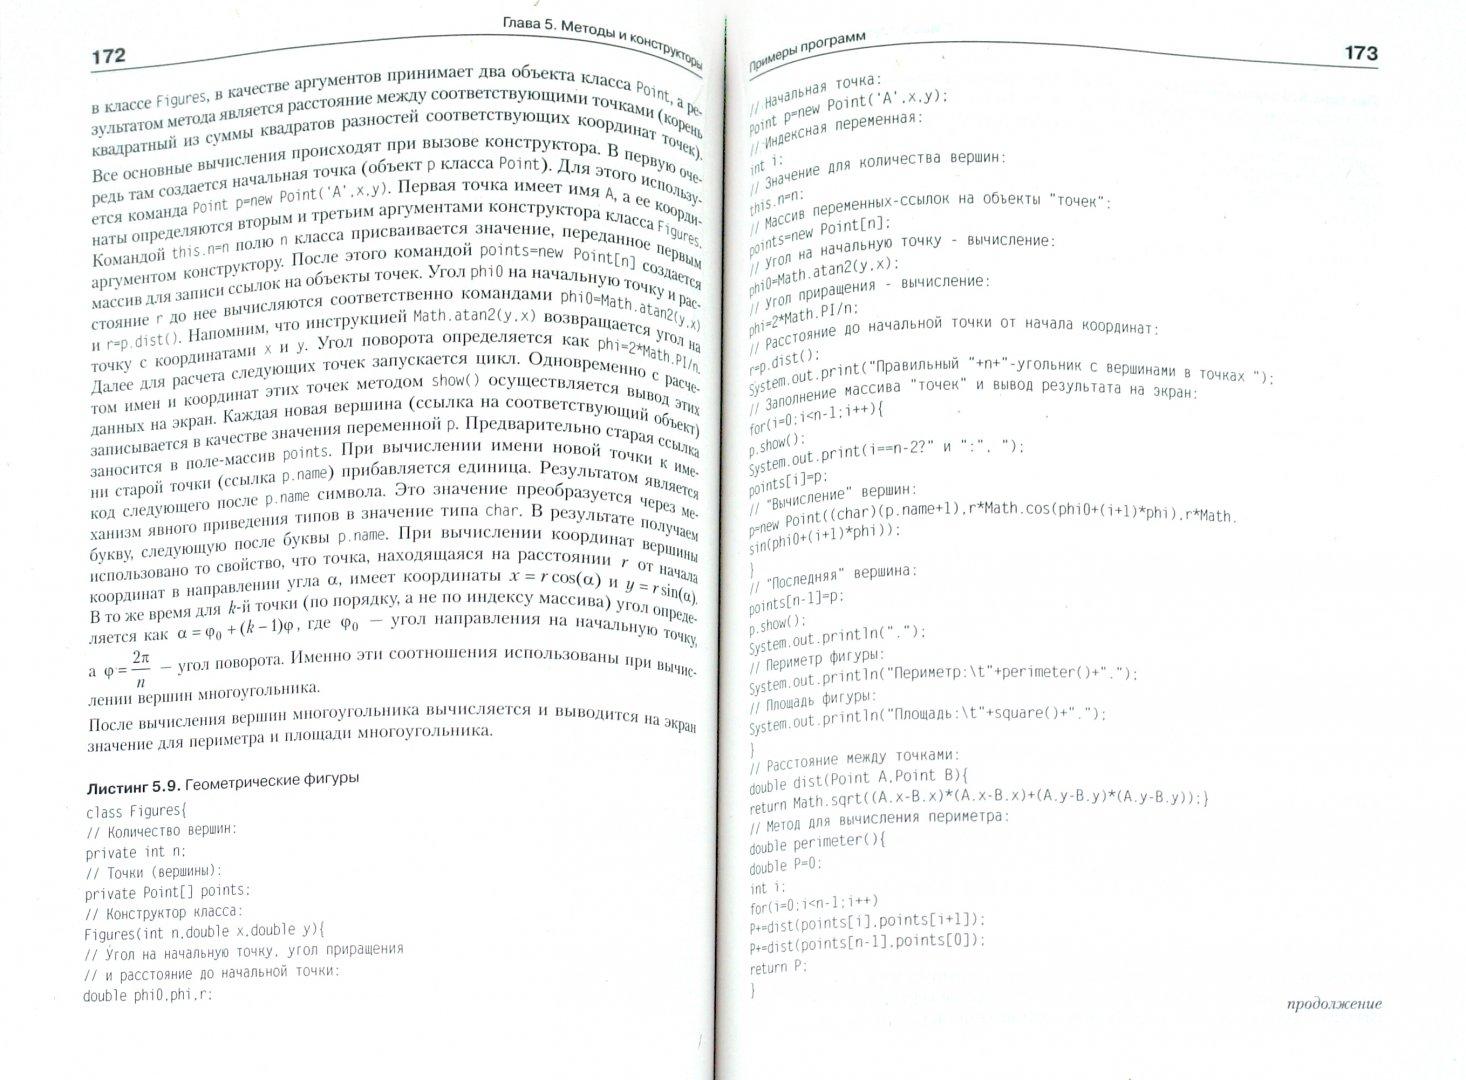 Иллюстрация 1 из 16 для Java. Объектно-ориентированное программирование: Учебное пособие - Алексей Васильев | Лабиринт - книги. Источник: Лабиринт